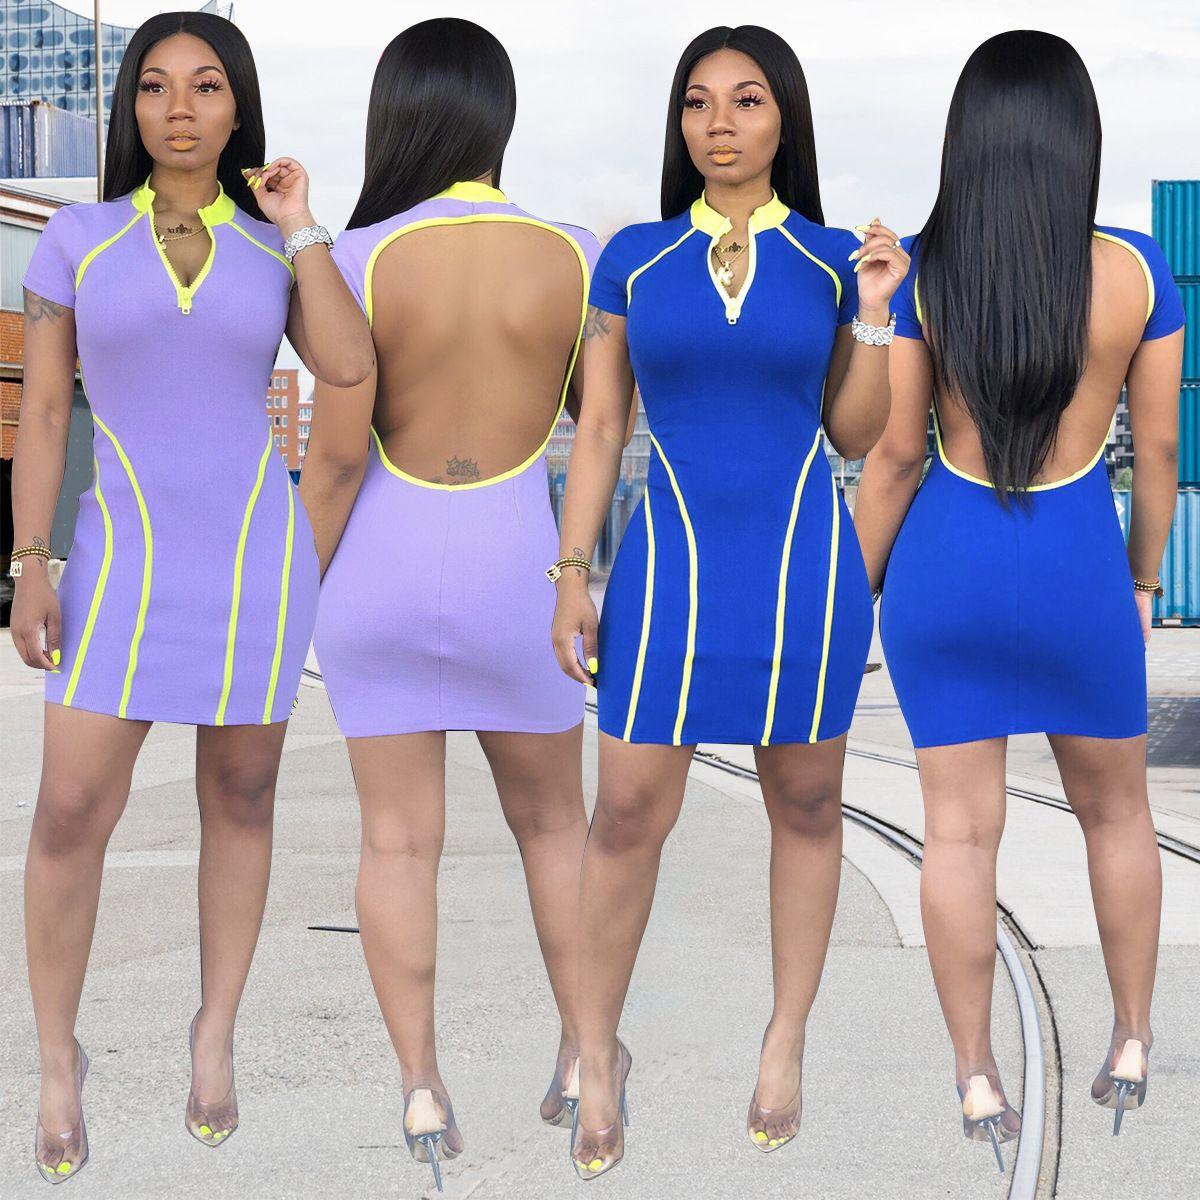 Las mujeres de la moda de espalda abierta bolso de la mujer falda de la cadera sexy slim 2 vestido de color vestidos casuales faldas de discoteca vestido sexy